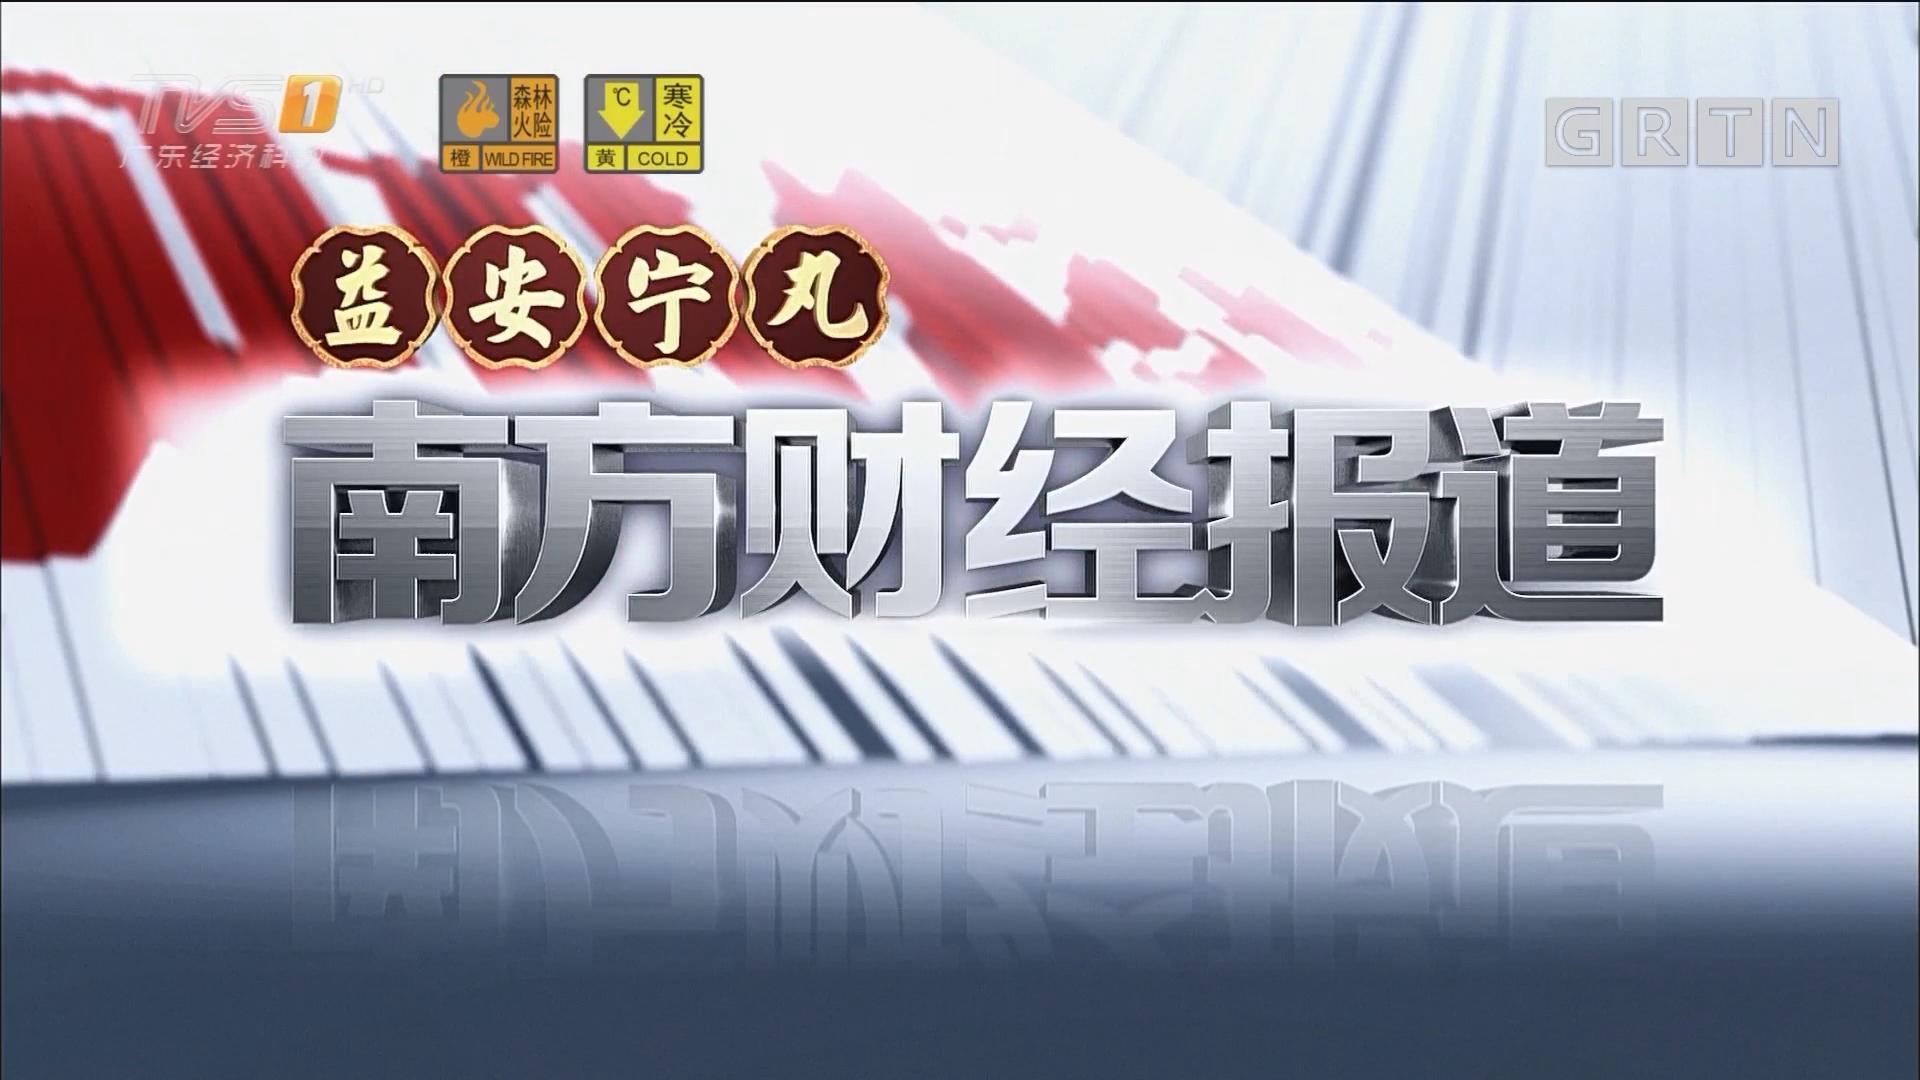 [HD][2017-12-18]南方财经报道:广州前三季度GDP增长7.3% 达1.55万亿元